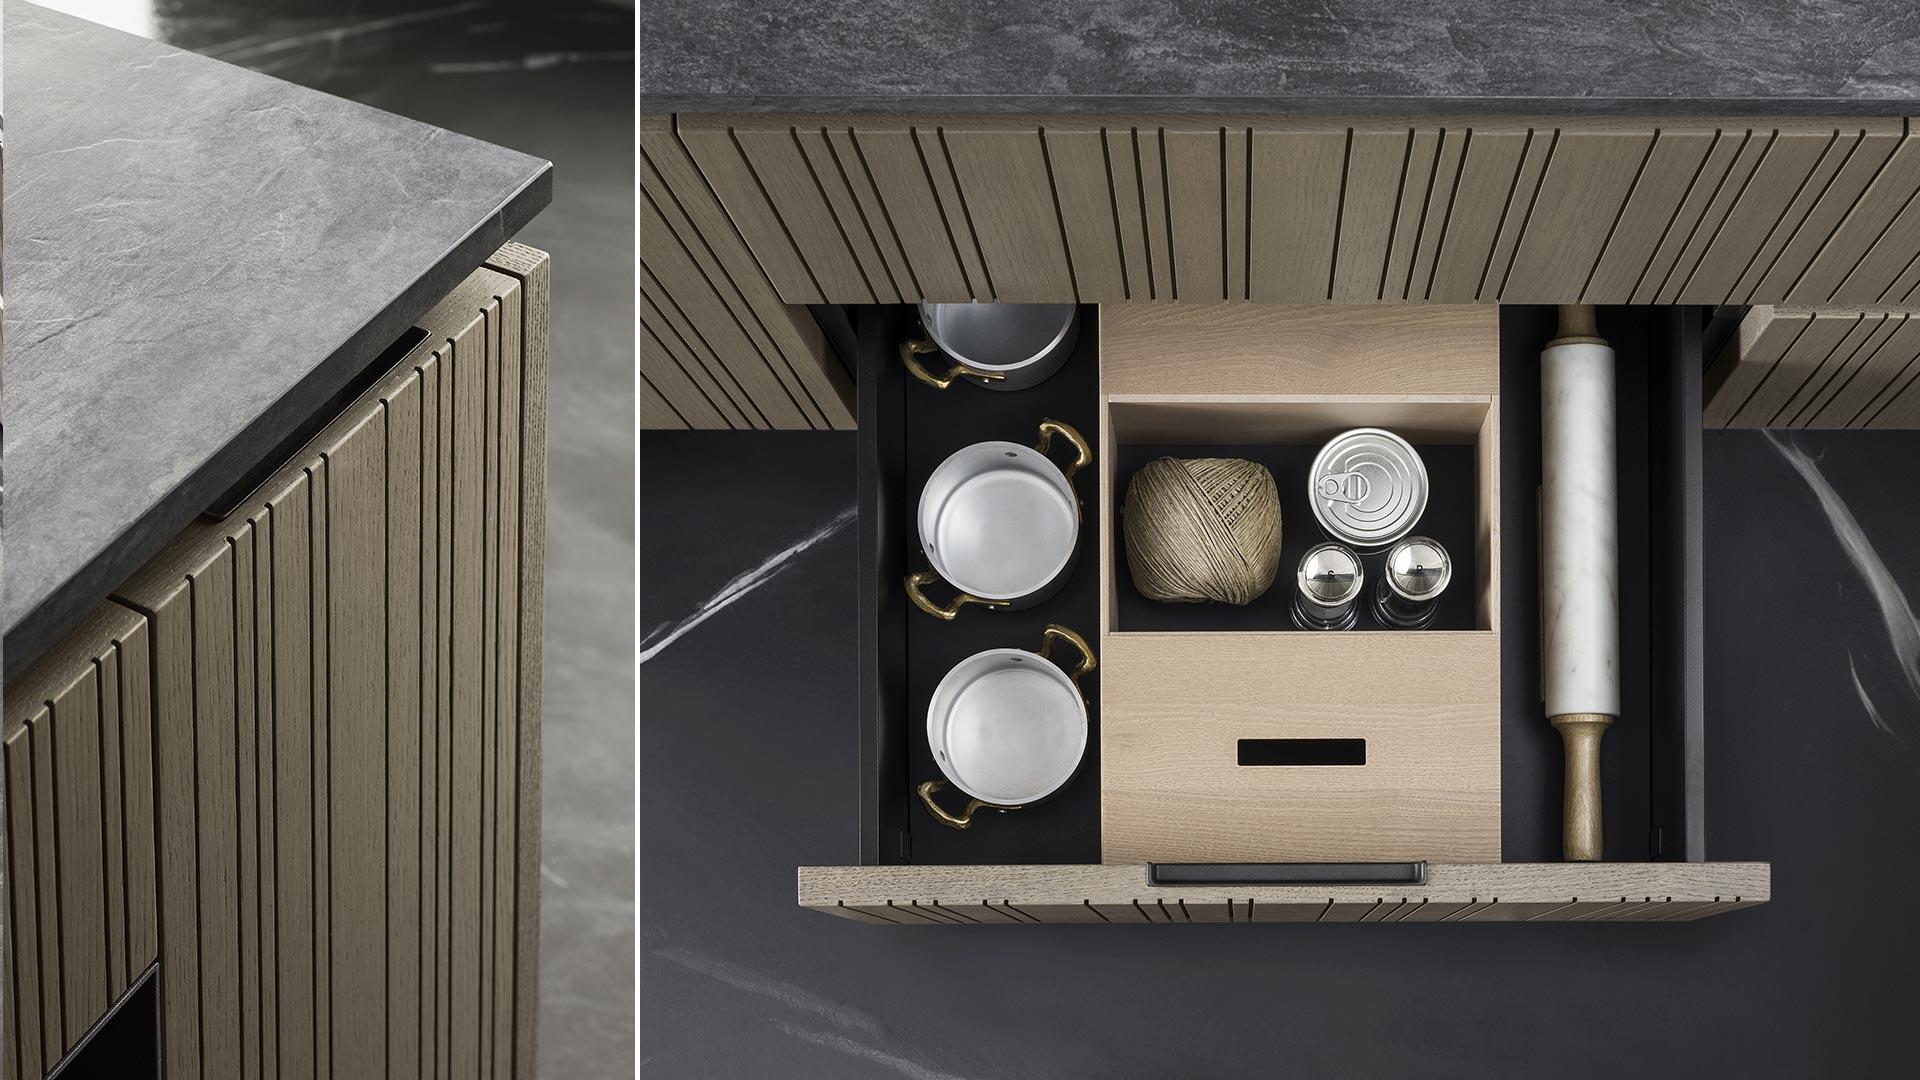 Cucina con isola e cucina il legno collezione RUA - TM_MI2018_Rua_003